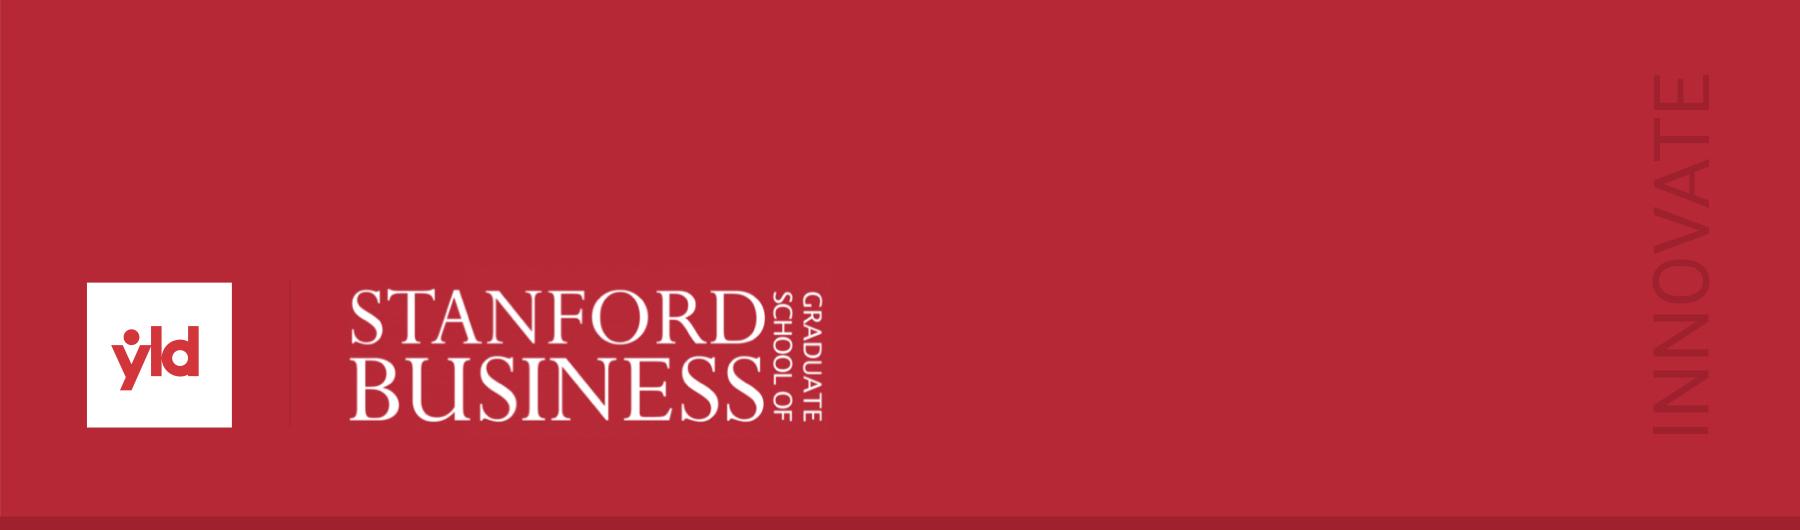 YLD Leadership Series - Stanford July 2019